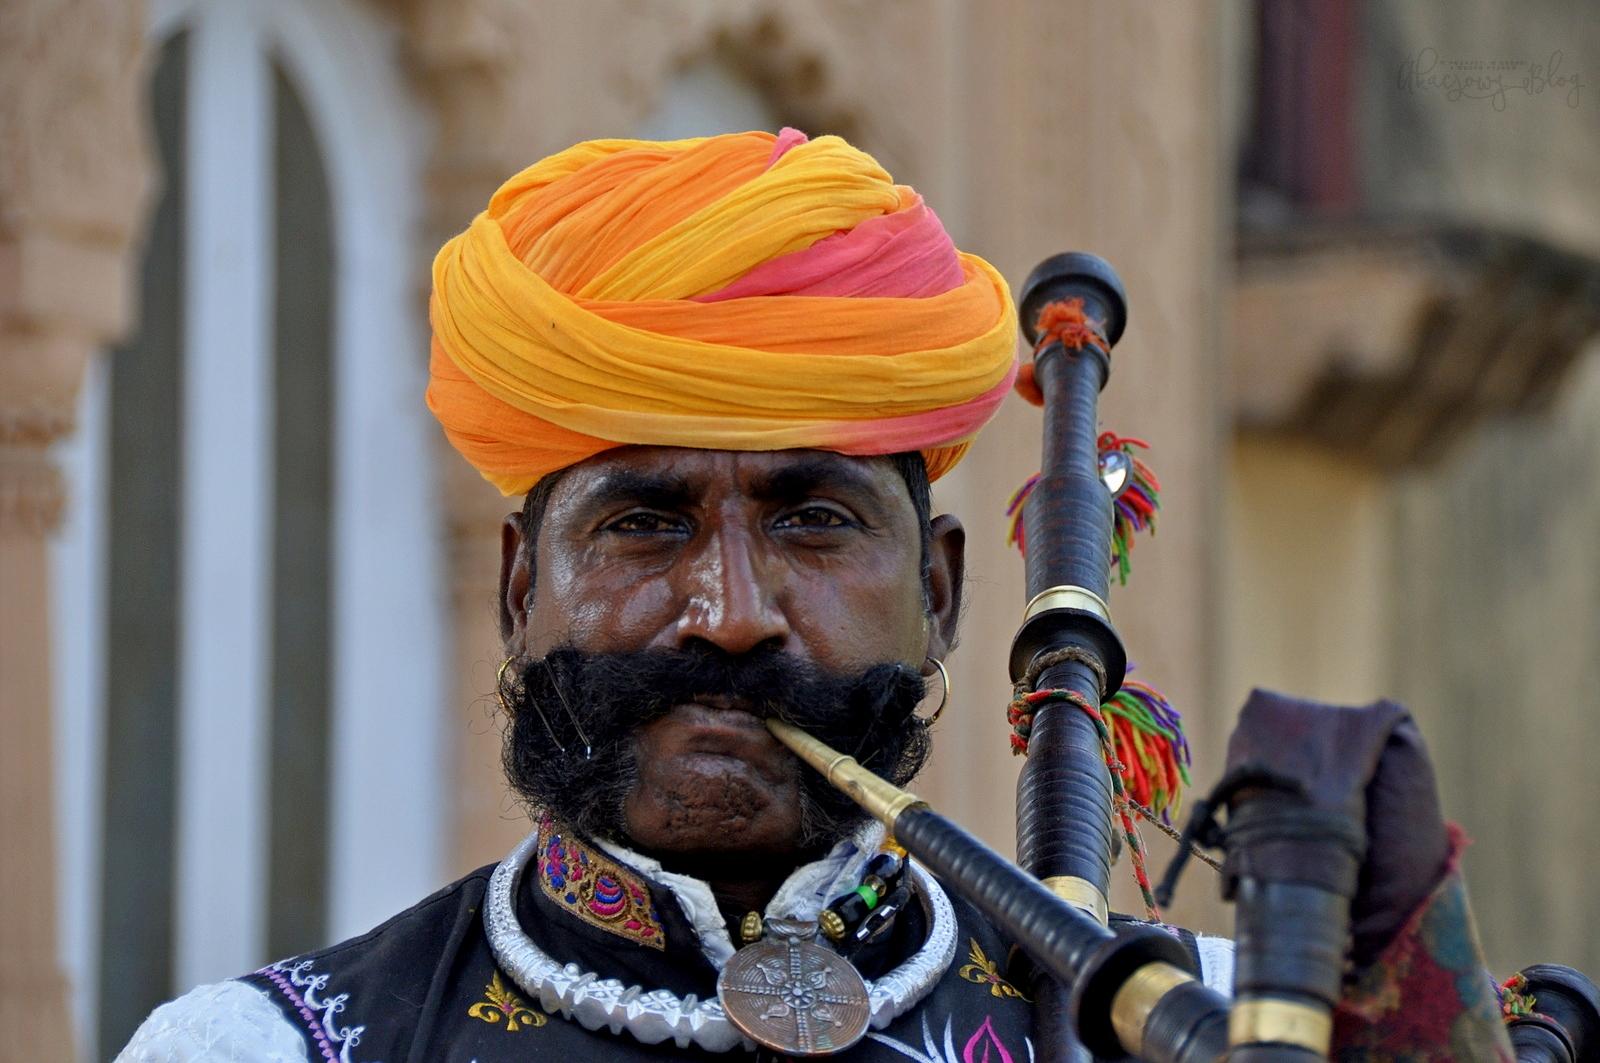 Wiosenny Festiwal Brij w okolicach Bhatatpuru.